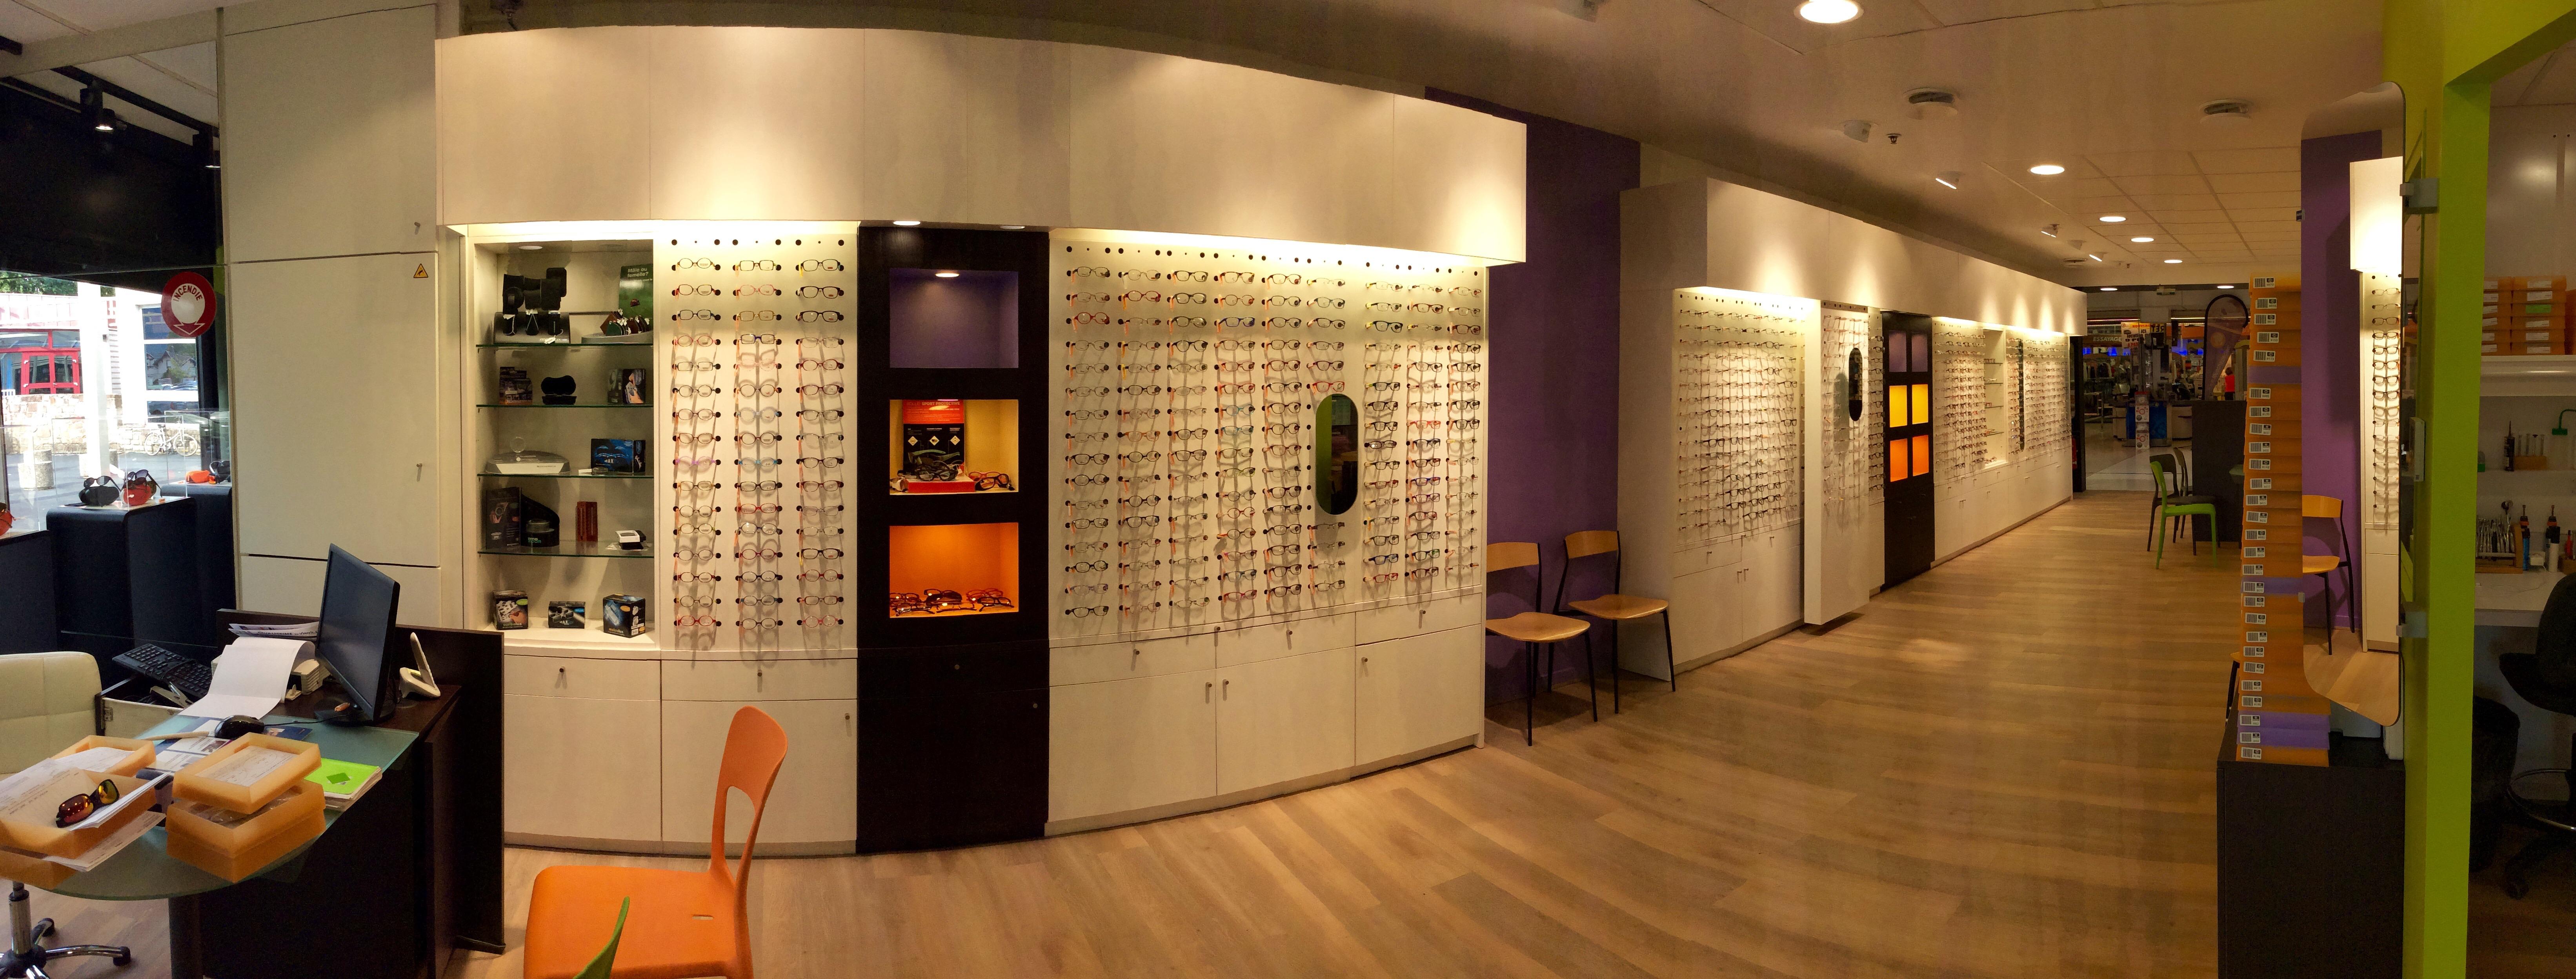 Opticien Optic 2000 WINTZENHEIM 68920 - lunettes femme, lunettes homme -  Optic 2000 7db912dc5bb5